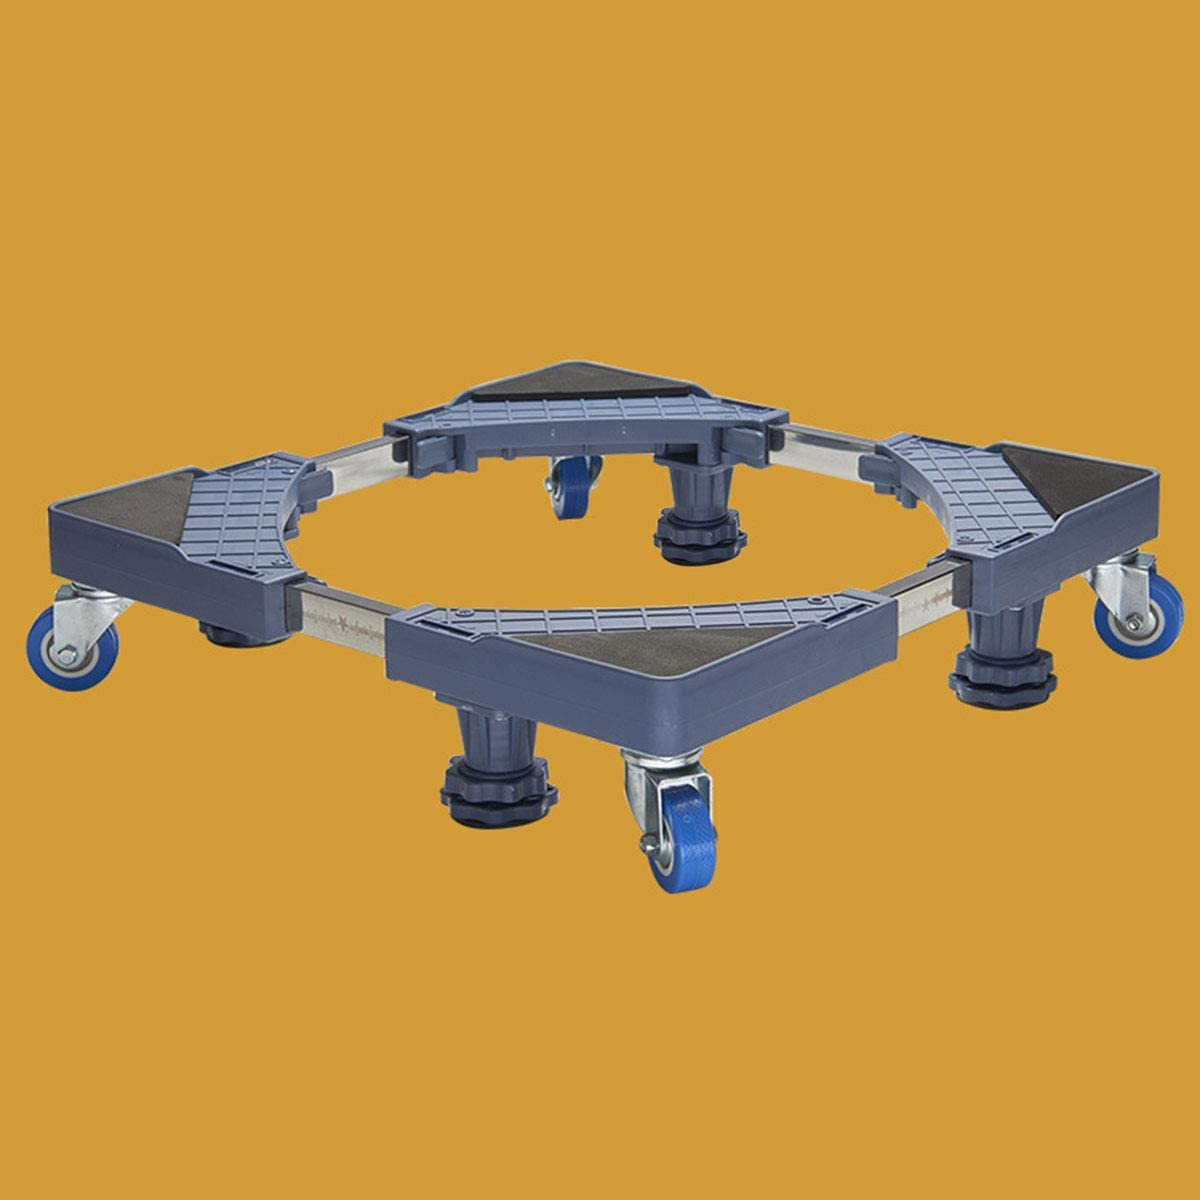 Mfnyp Fortalezca la Base del Pedestal de la Lavadora, con 4 Ruedas de Goma giratorias y Cierre de Seguridad para Secadora, Lavadora de Tambor y refrigerador,Fourfeetandfourwheels